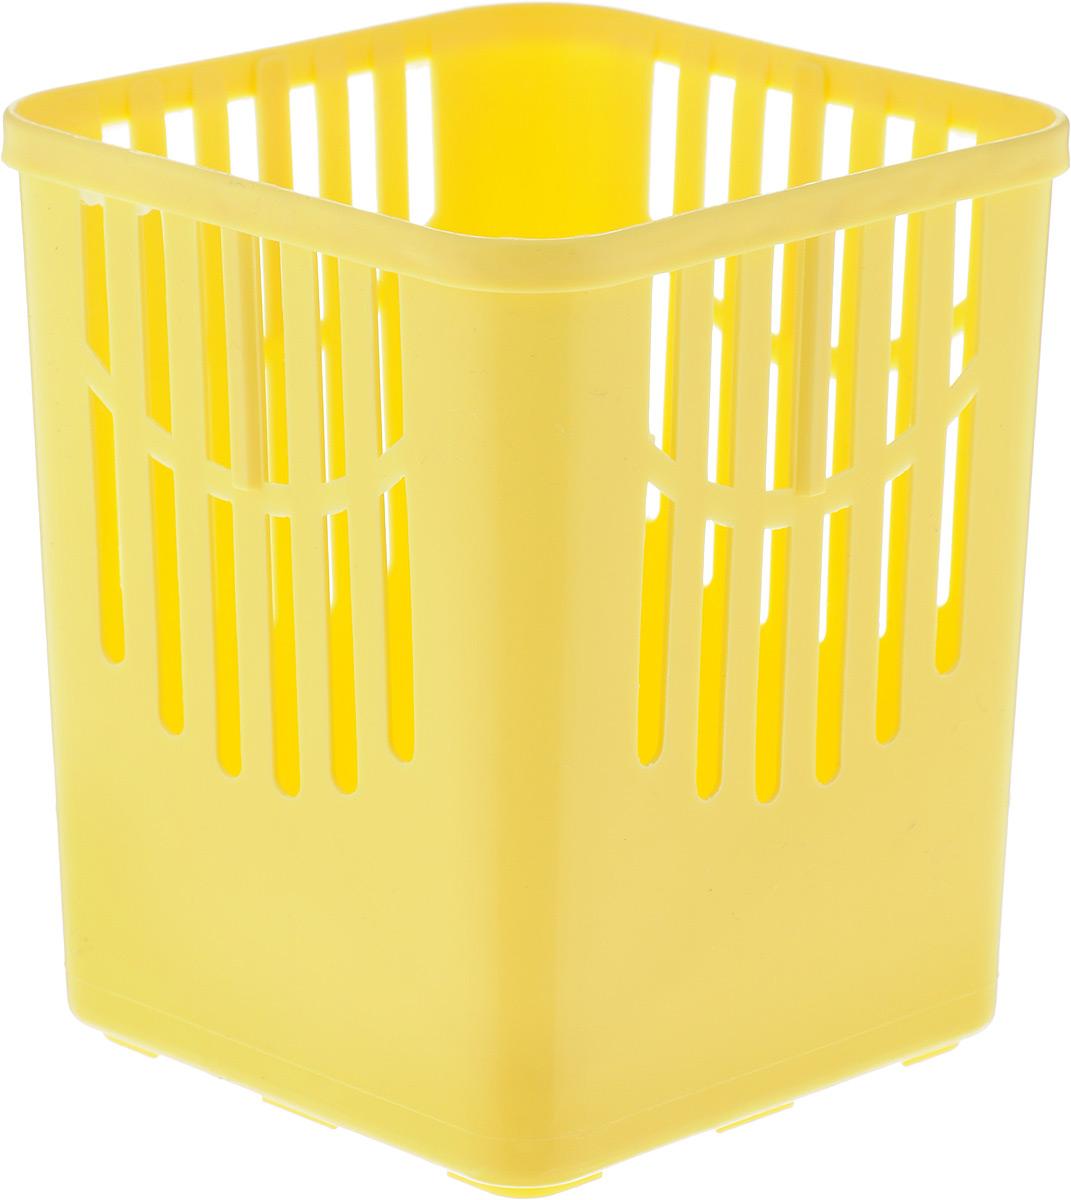 Подставка для столовых приборов Axentia, цвет: желтый, 10,5 х 10,5 х 12,5 см232039_желтыйПодставка для столовых приборов Axentia, выполненная из высококачественного пластика, станет полезным приобретением для вашей кухни. Она хорошо впишется в интерьер, не займет много места, а столовые приборы будут всегда под рукой. Размер подставки: 10,5 х 10,5 х 12,5 см.